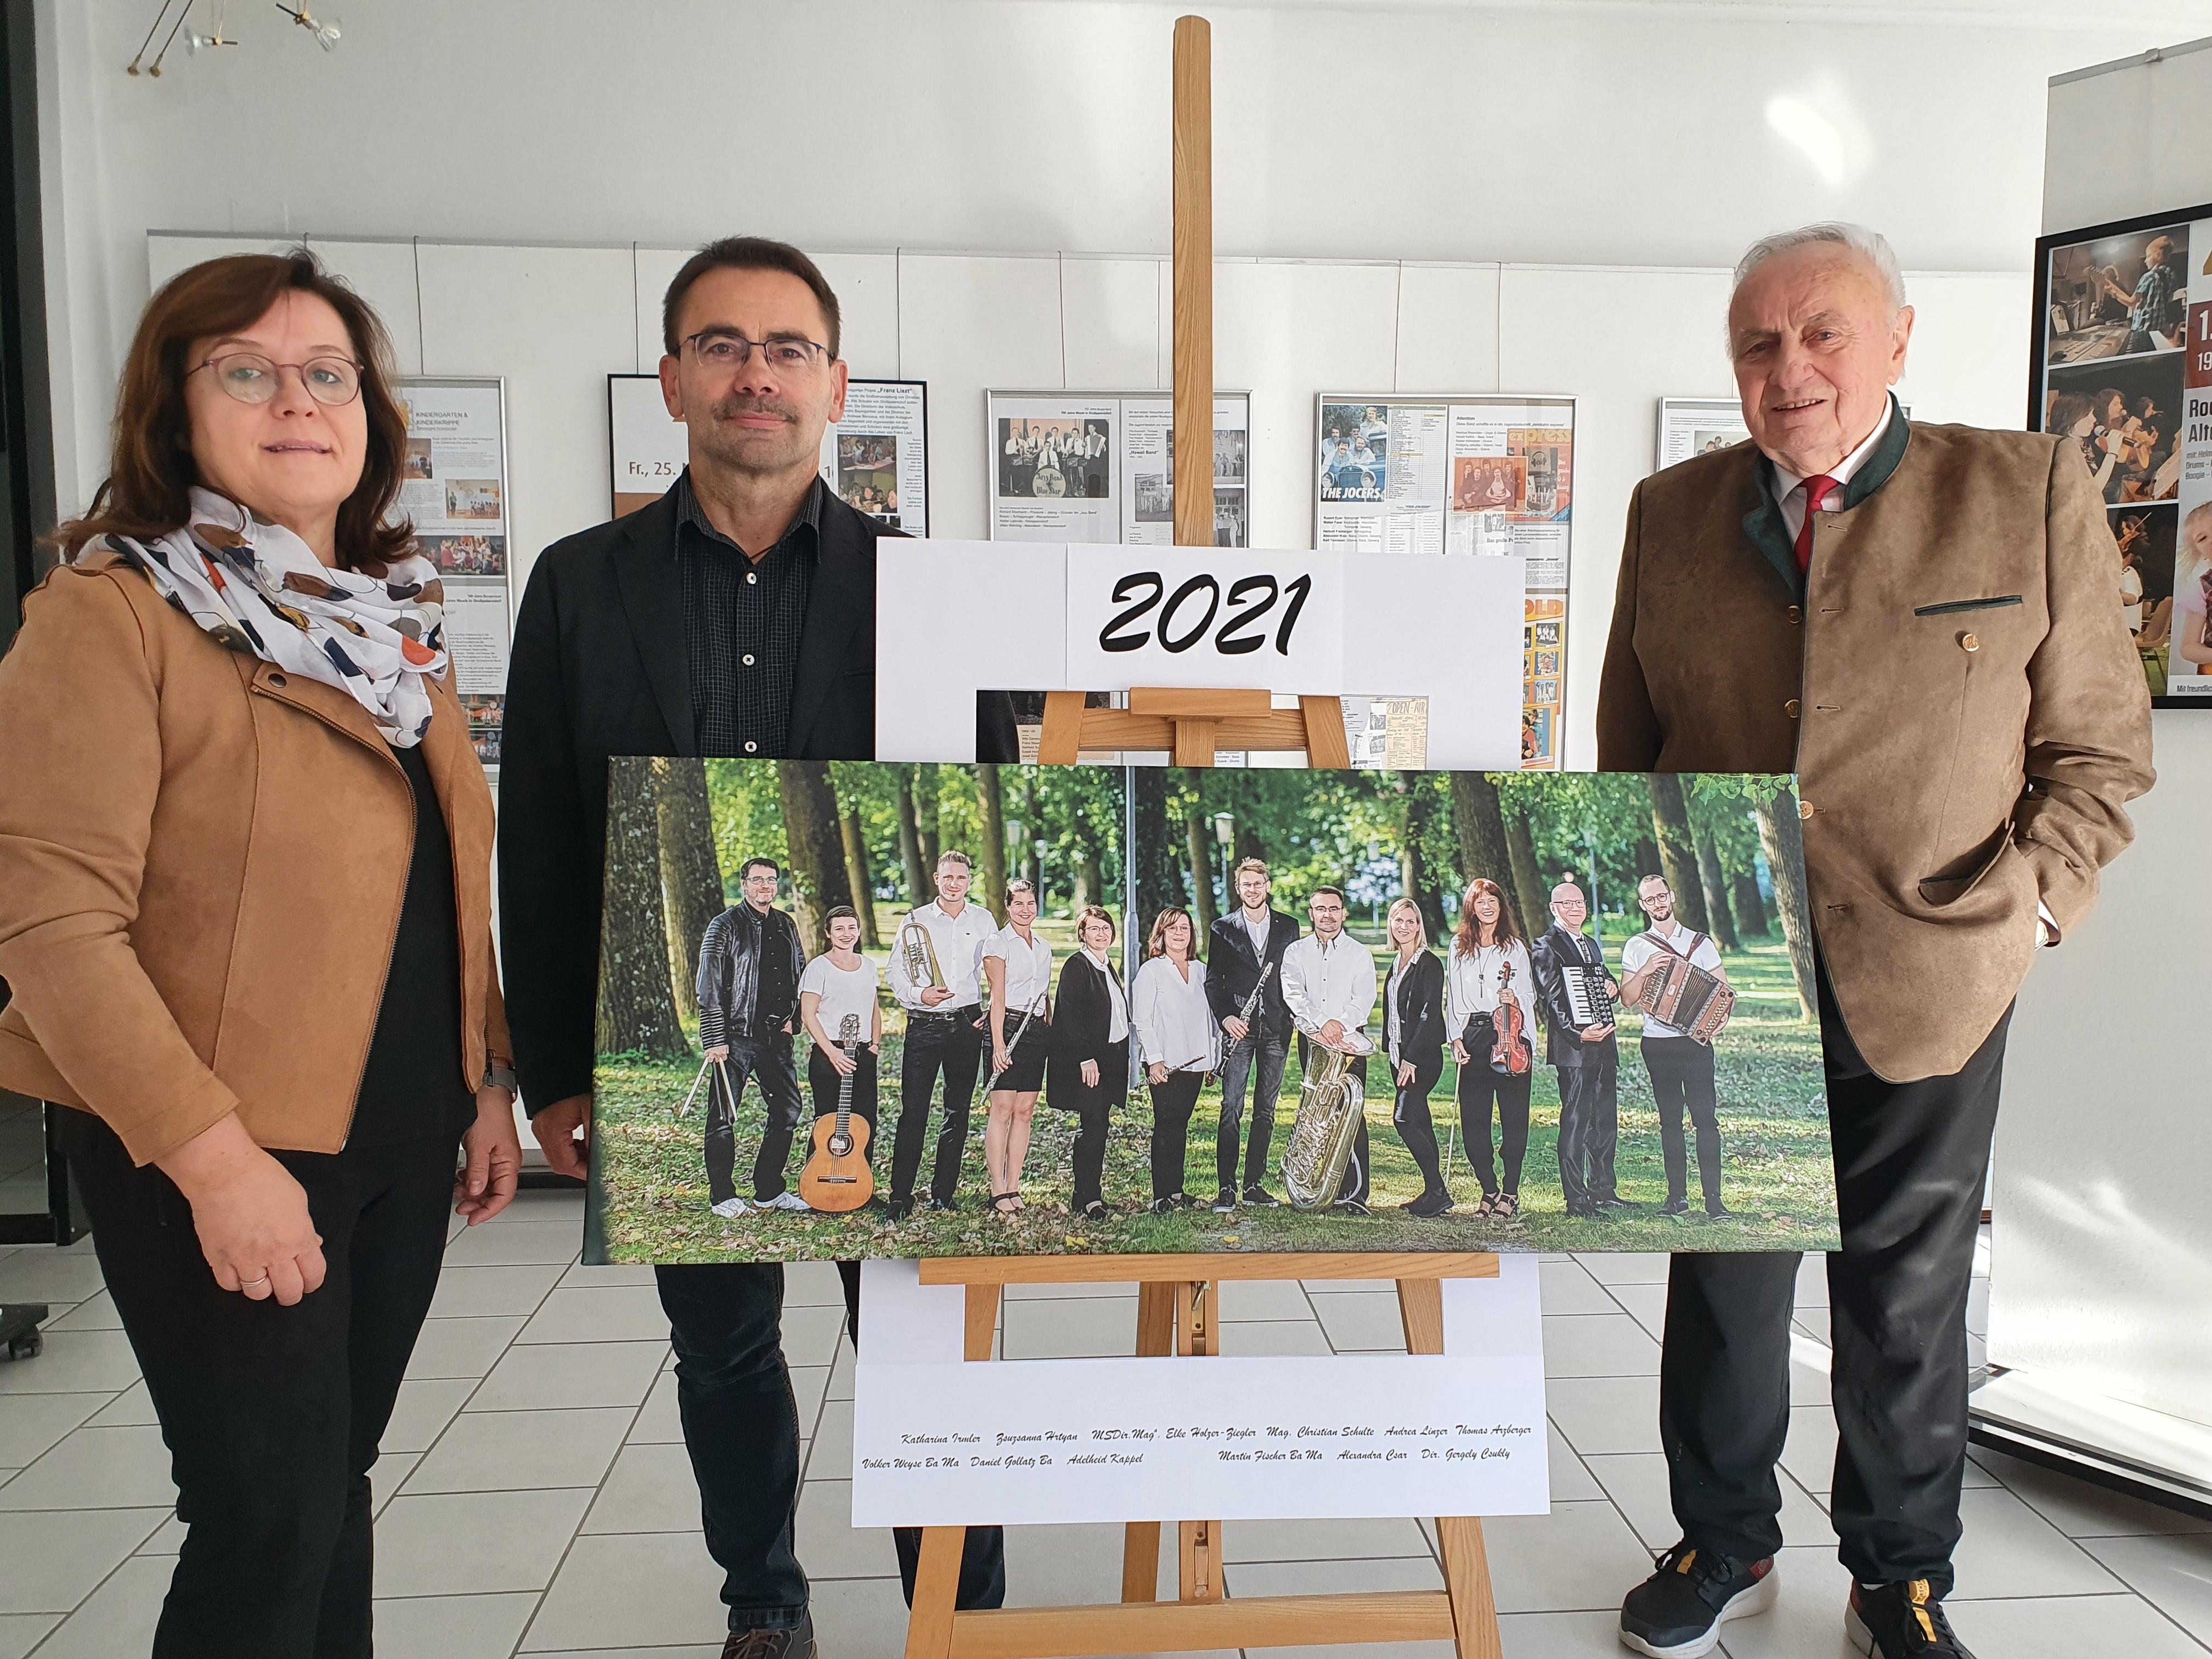 Bild der Organisatoren zur Ausstellung zVb von Christian Schulte